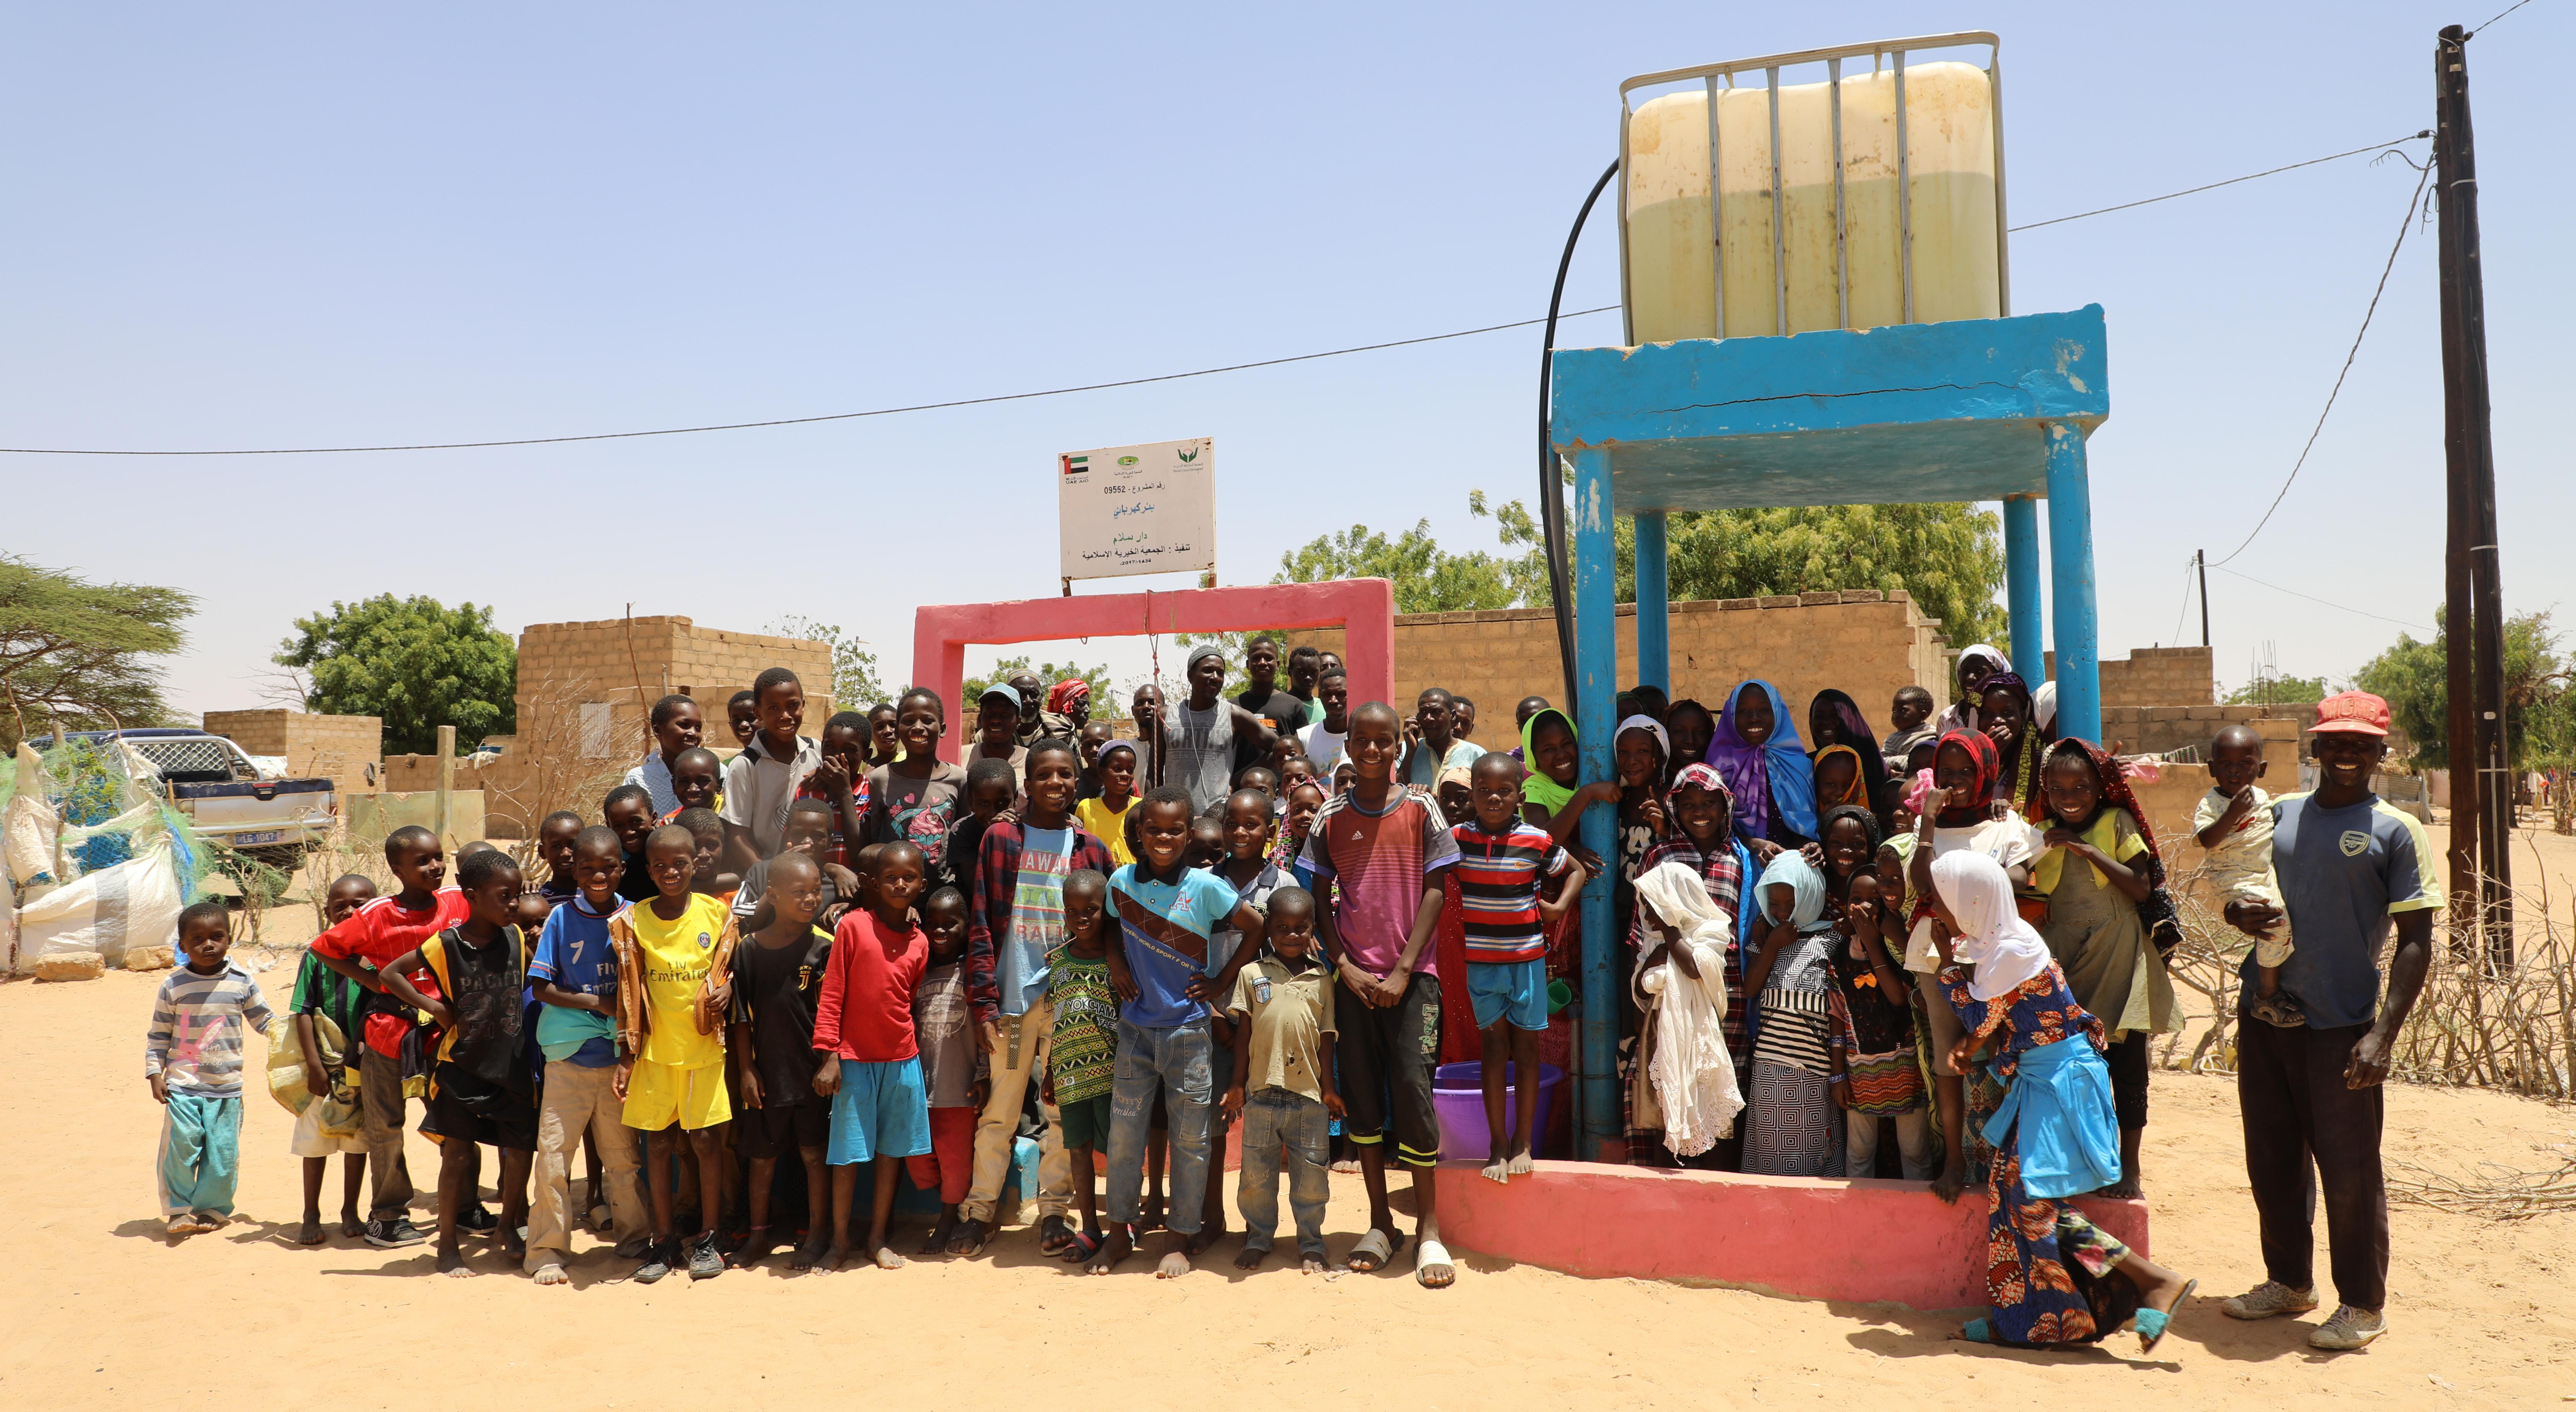 الشارقة الخيرية : حملة سقيا الخير تنفذ 434 بئرا وشبكة مياه في 12 دولة